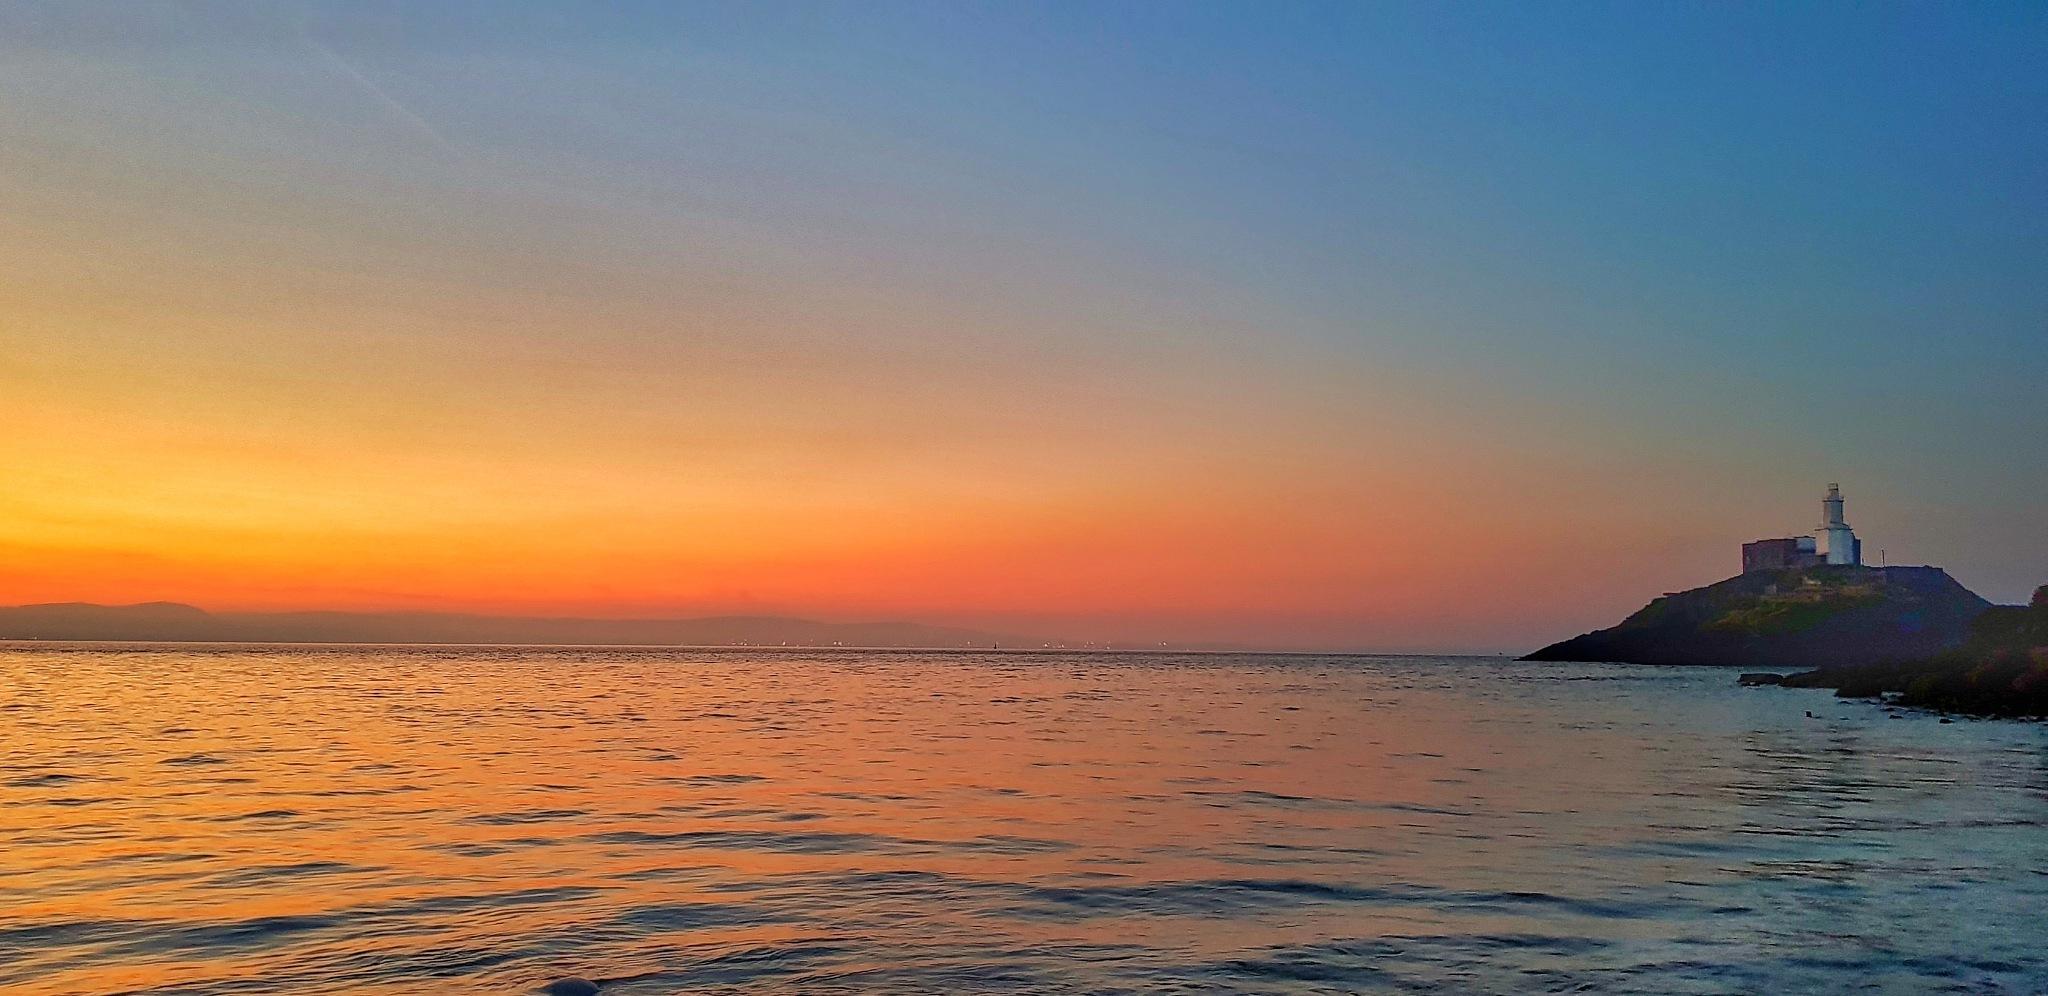 On the horizon  by bryan.ashford 52